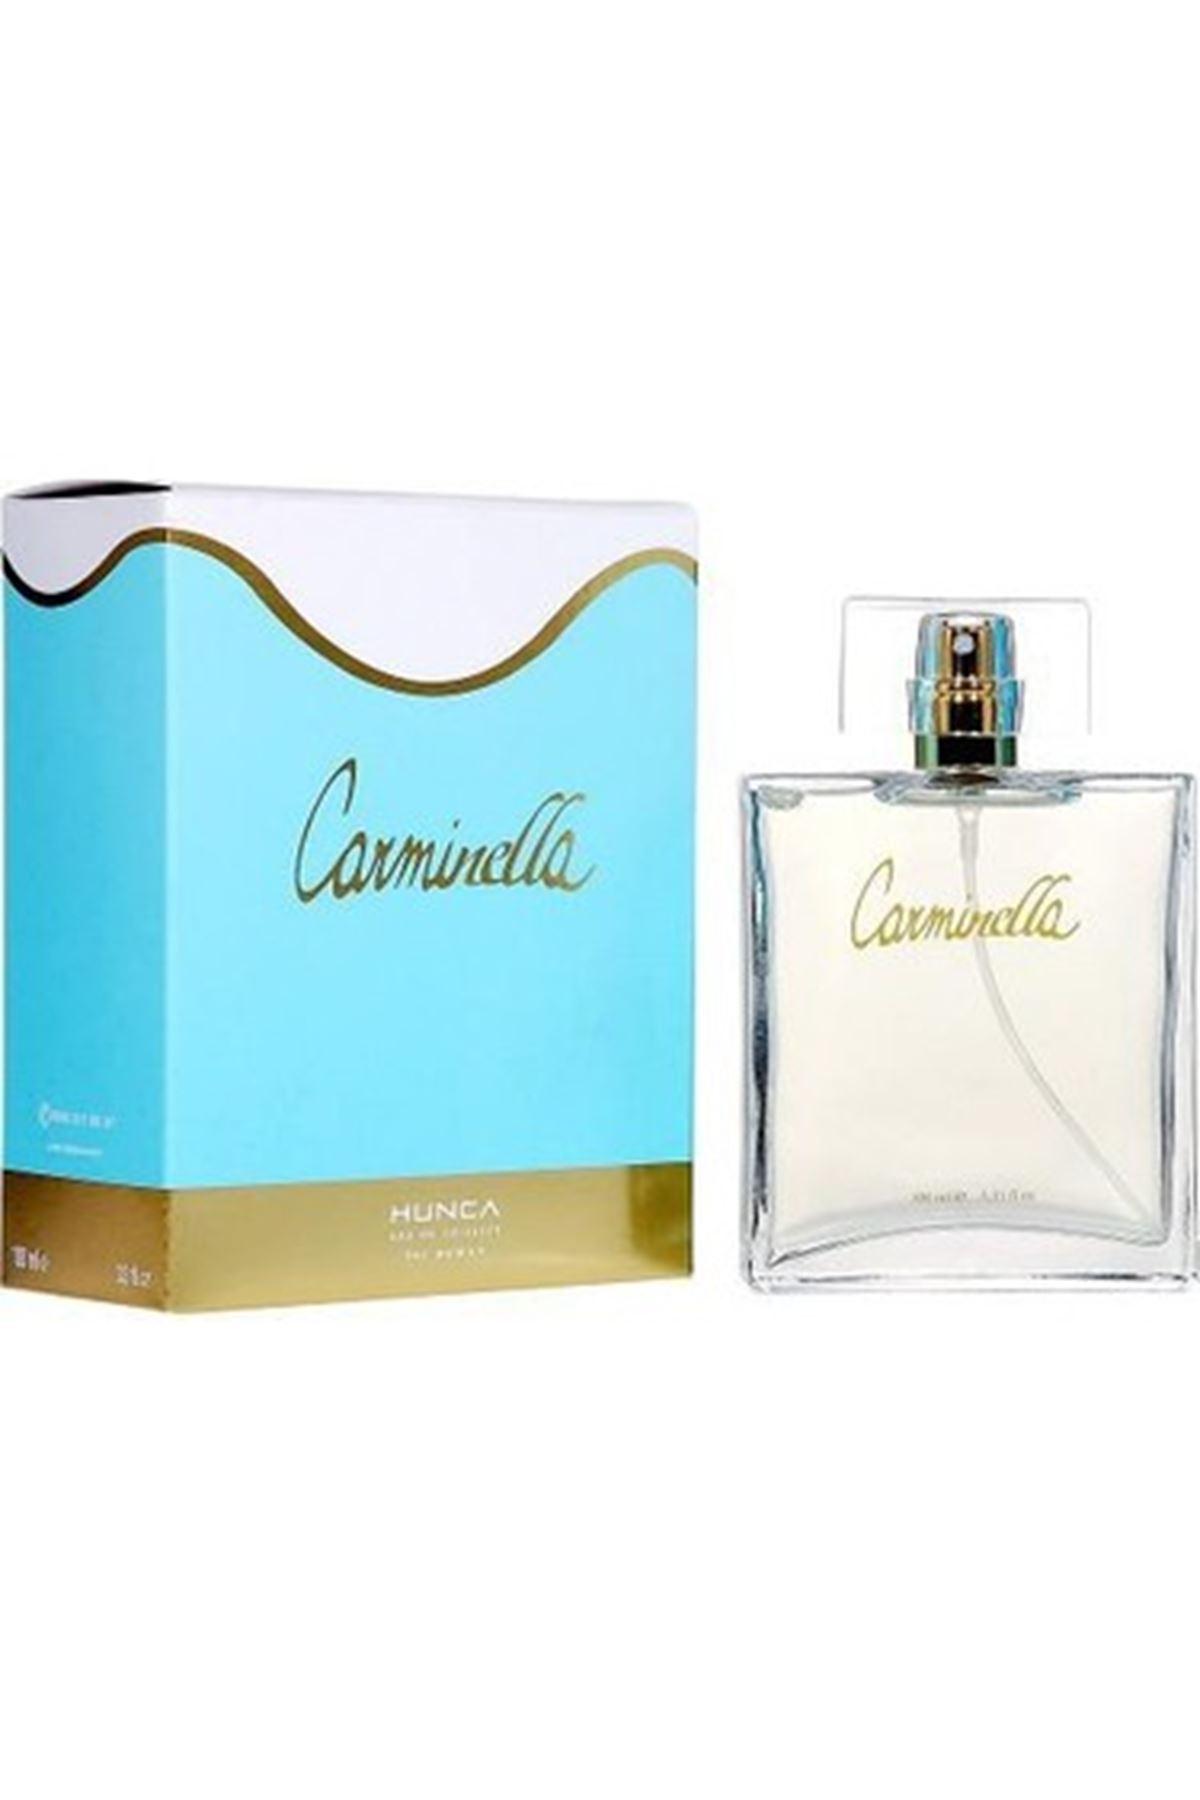 Carminella Kadın Parfüm Edt 100 ml